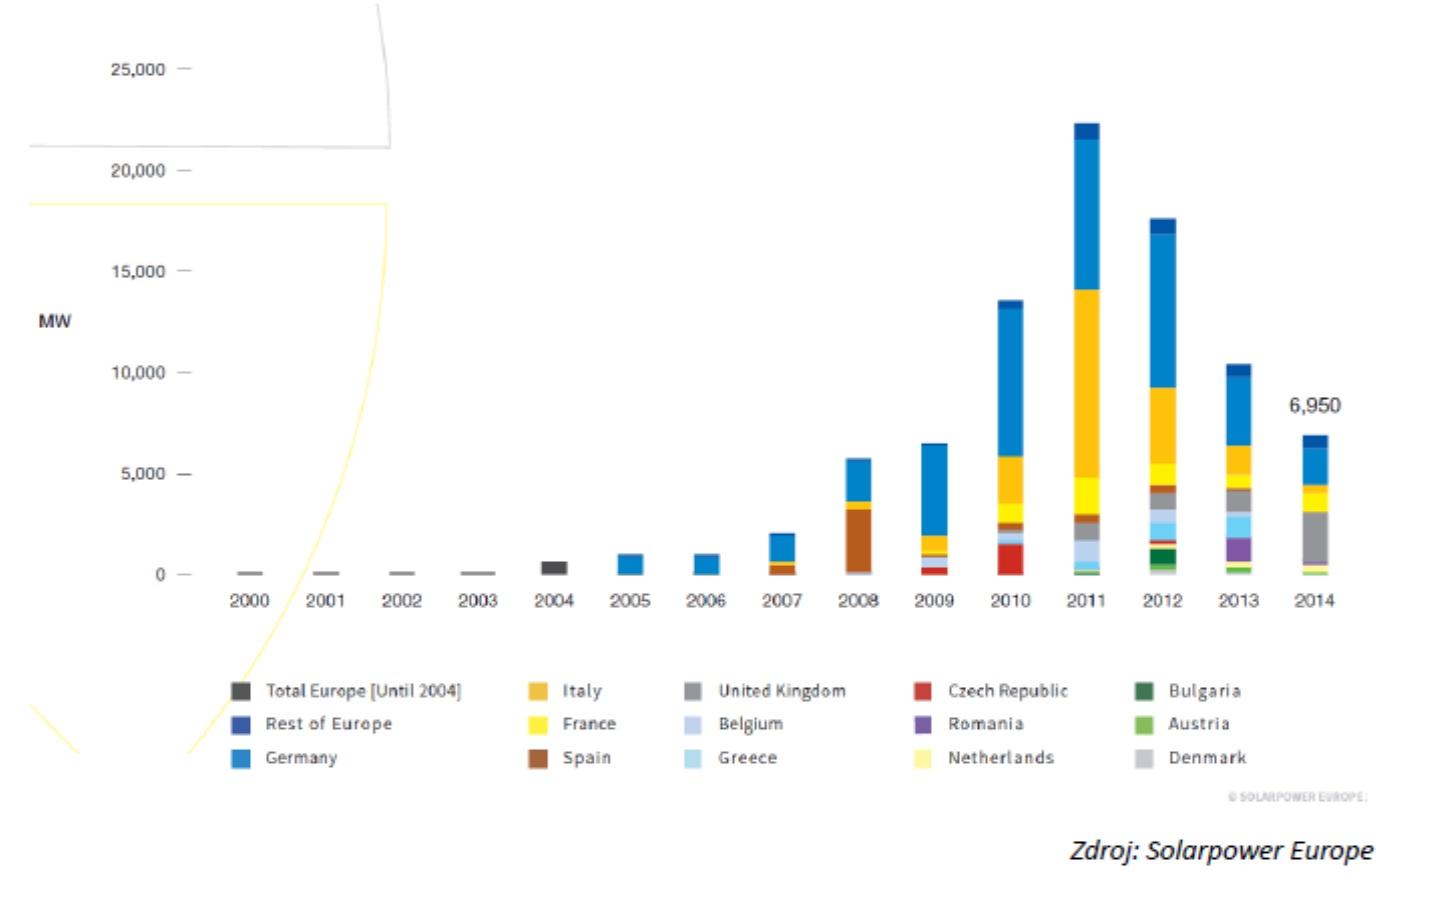 Roční nově instalovaný výkon fotovoltaických elektráren má v Evropě za sebou maximum v letech 2010 až 2012. Vývoj tehdy udávalo hlavně Německo a Itálie. Nyní se situace po poklesu stabilizovala. V roce 2015 bylo instalováno 8 GWp, v roce 2016 pak 6,7